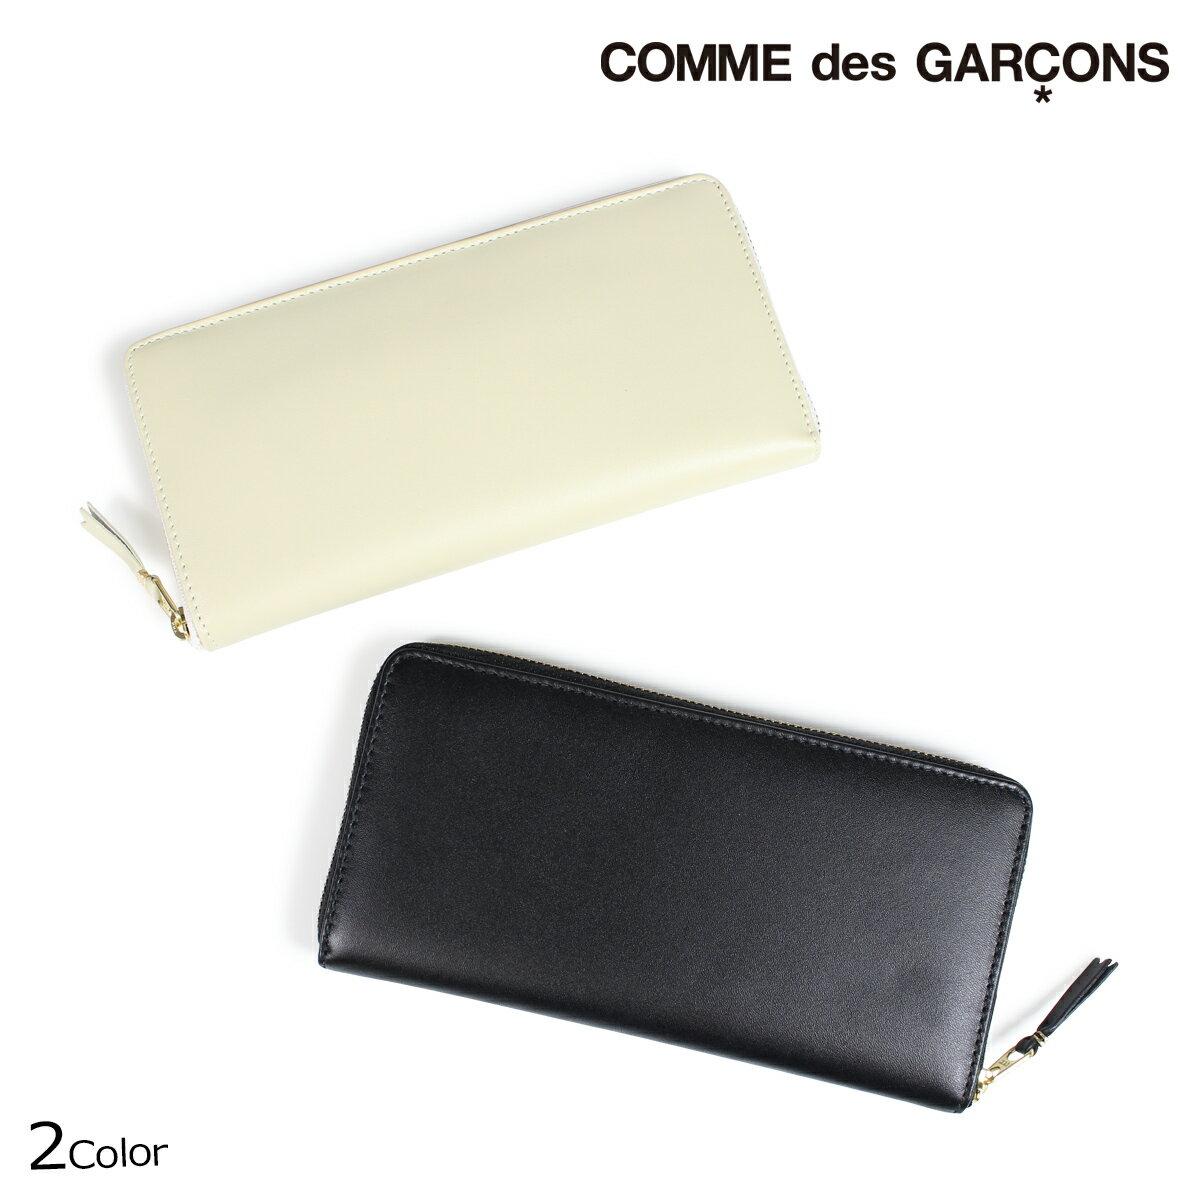 コムデギャルソン 財布 メンズ レディース 長財布 ラウンドファスナー COMME des GARCONS SA0110 ブラック オフホワイト